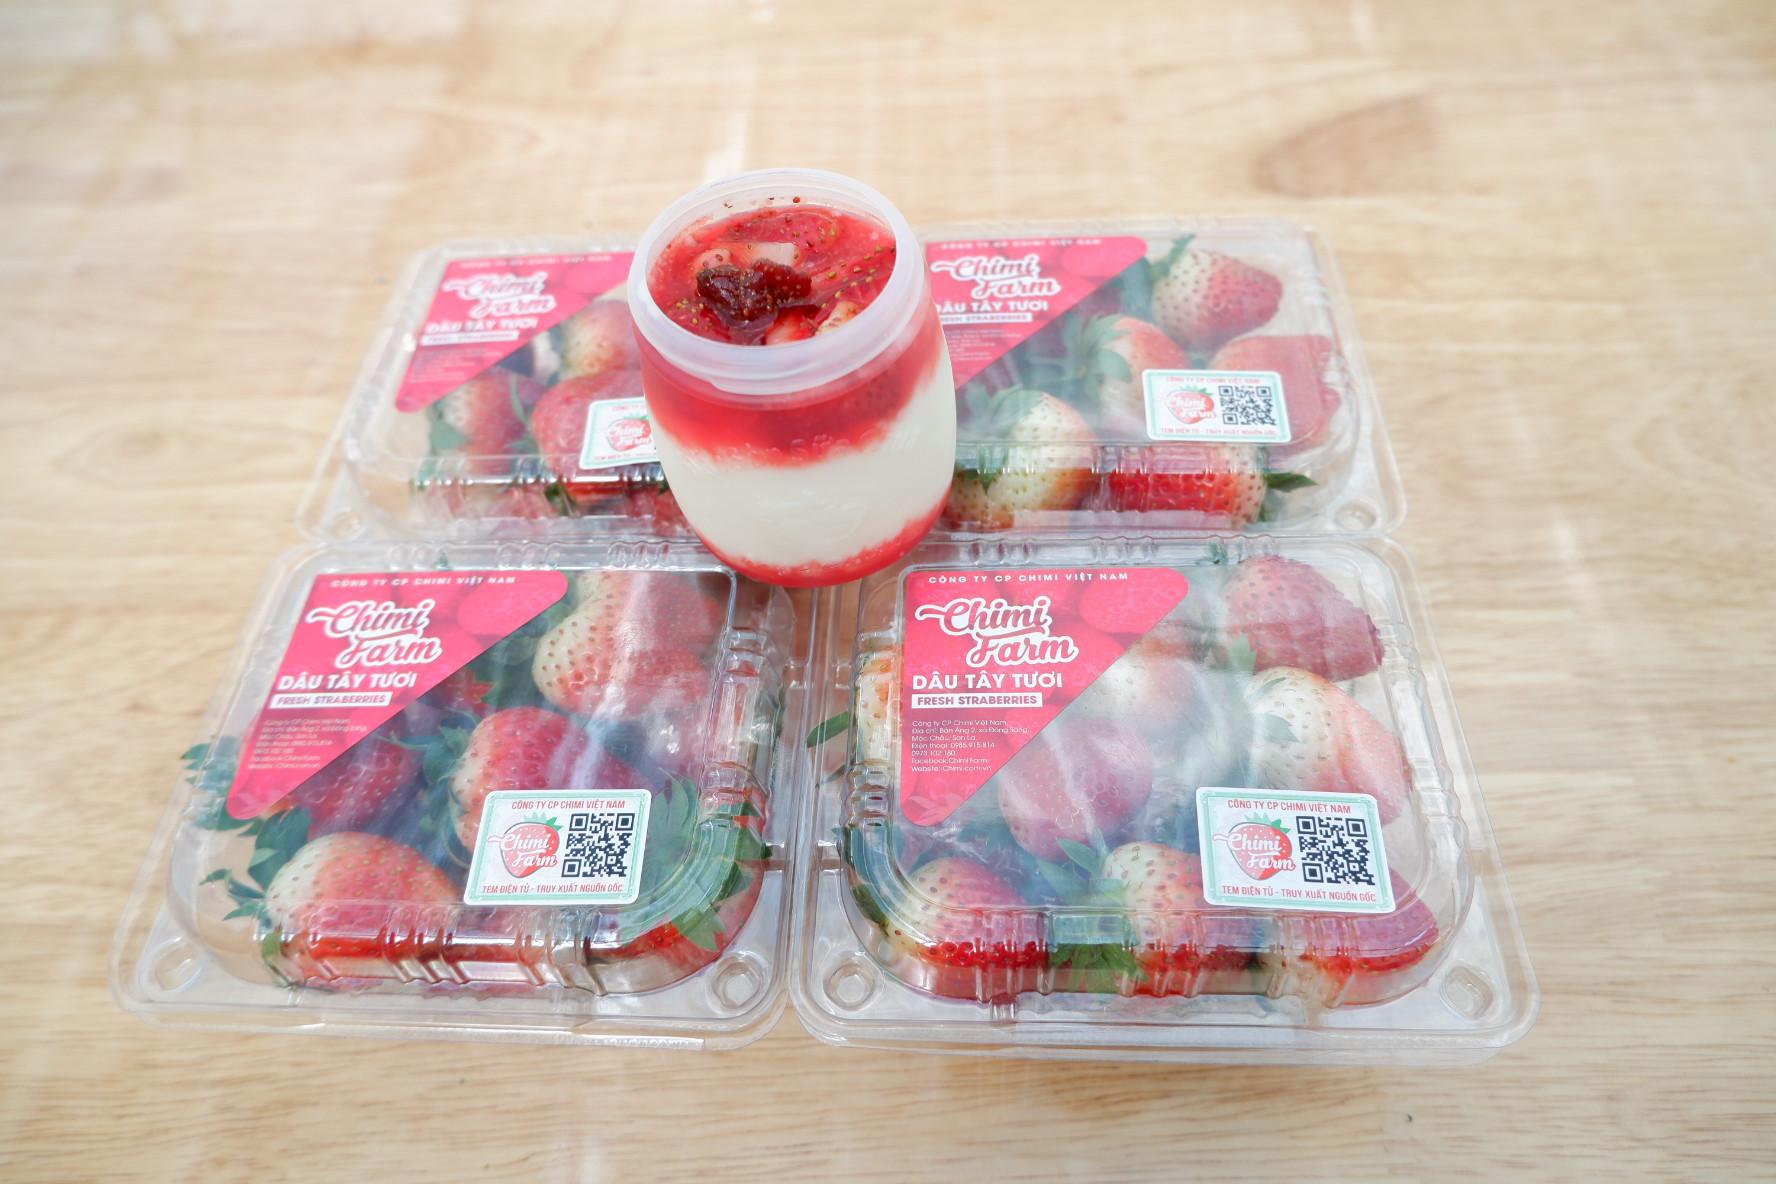 Mua dâu tây tặng sữa chua - Chimi Farm cơ sở Hà Nội